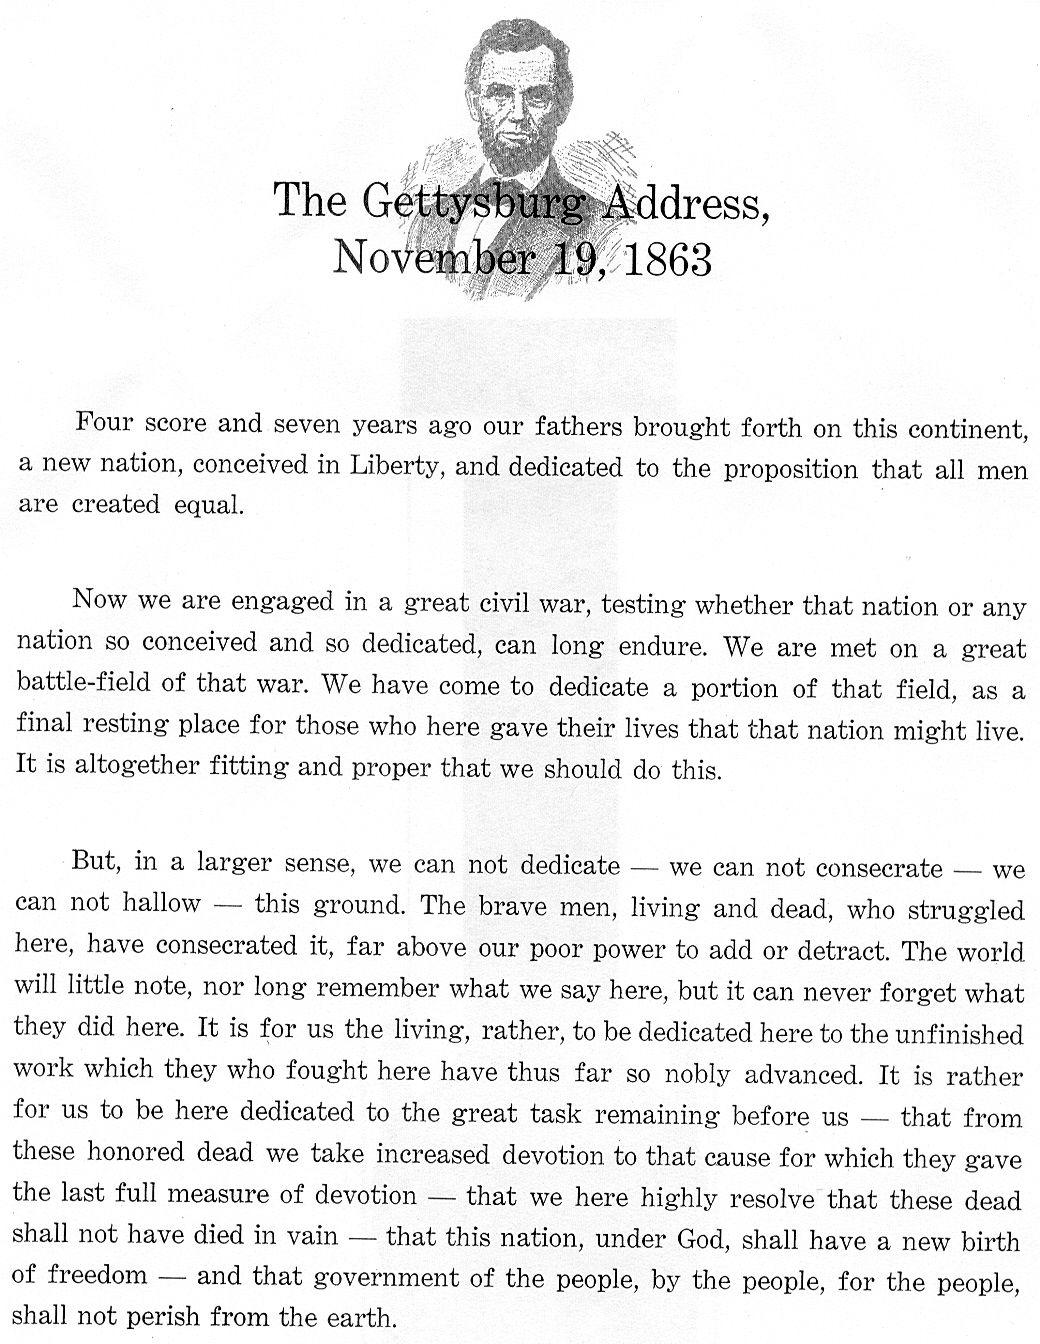 Worksheet Gettysburg Address Worksheet Grass Fedjp